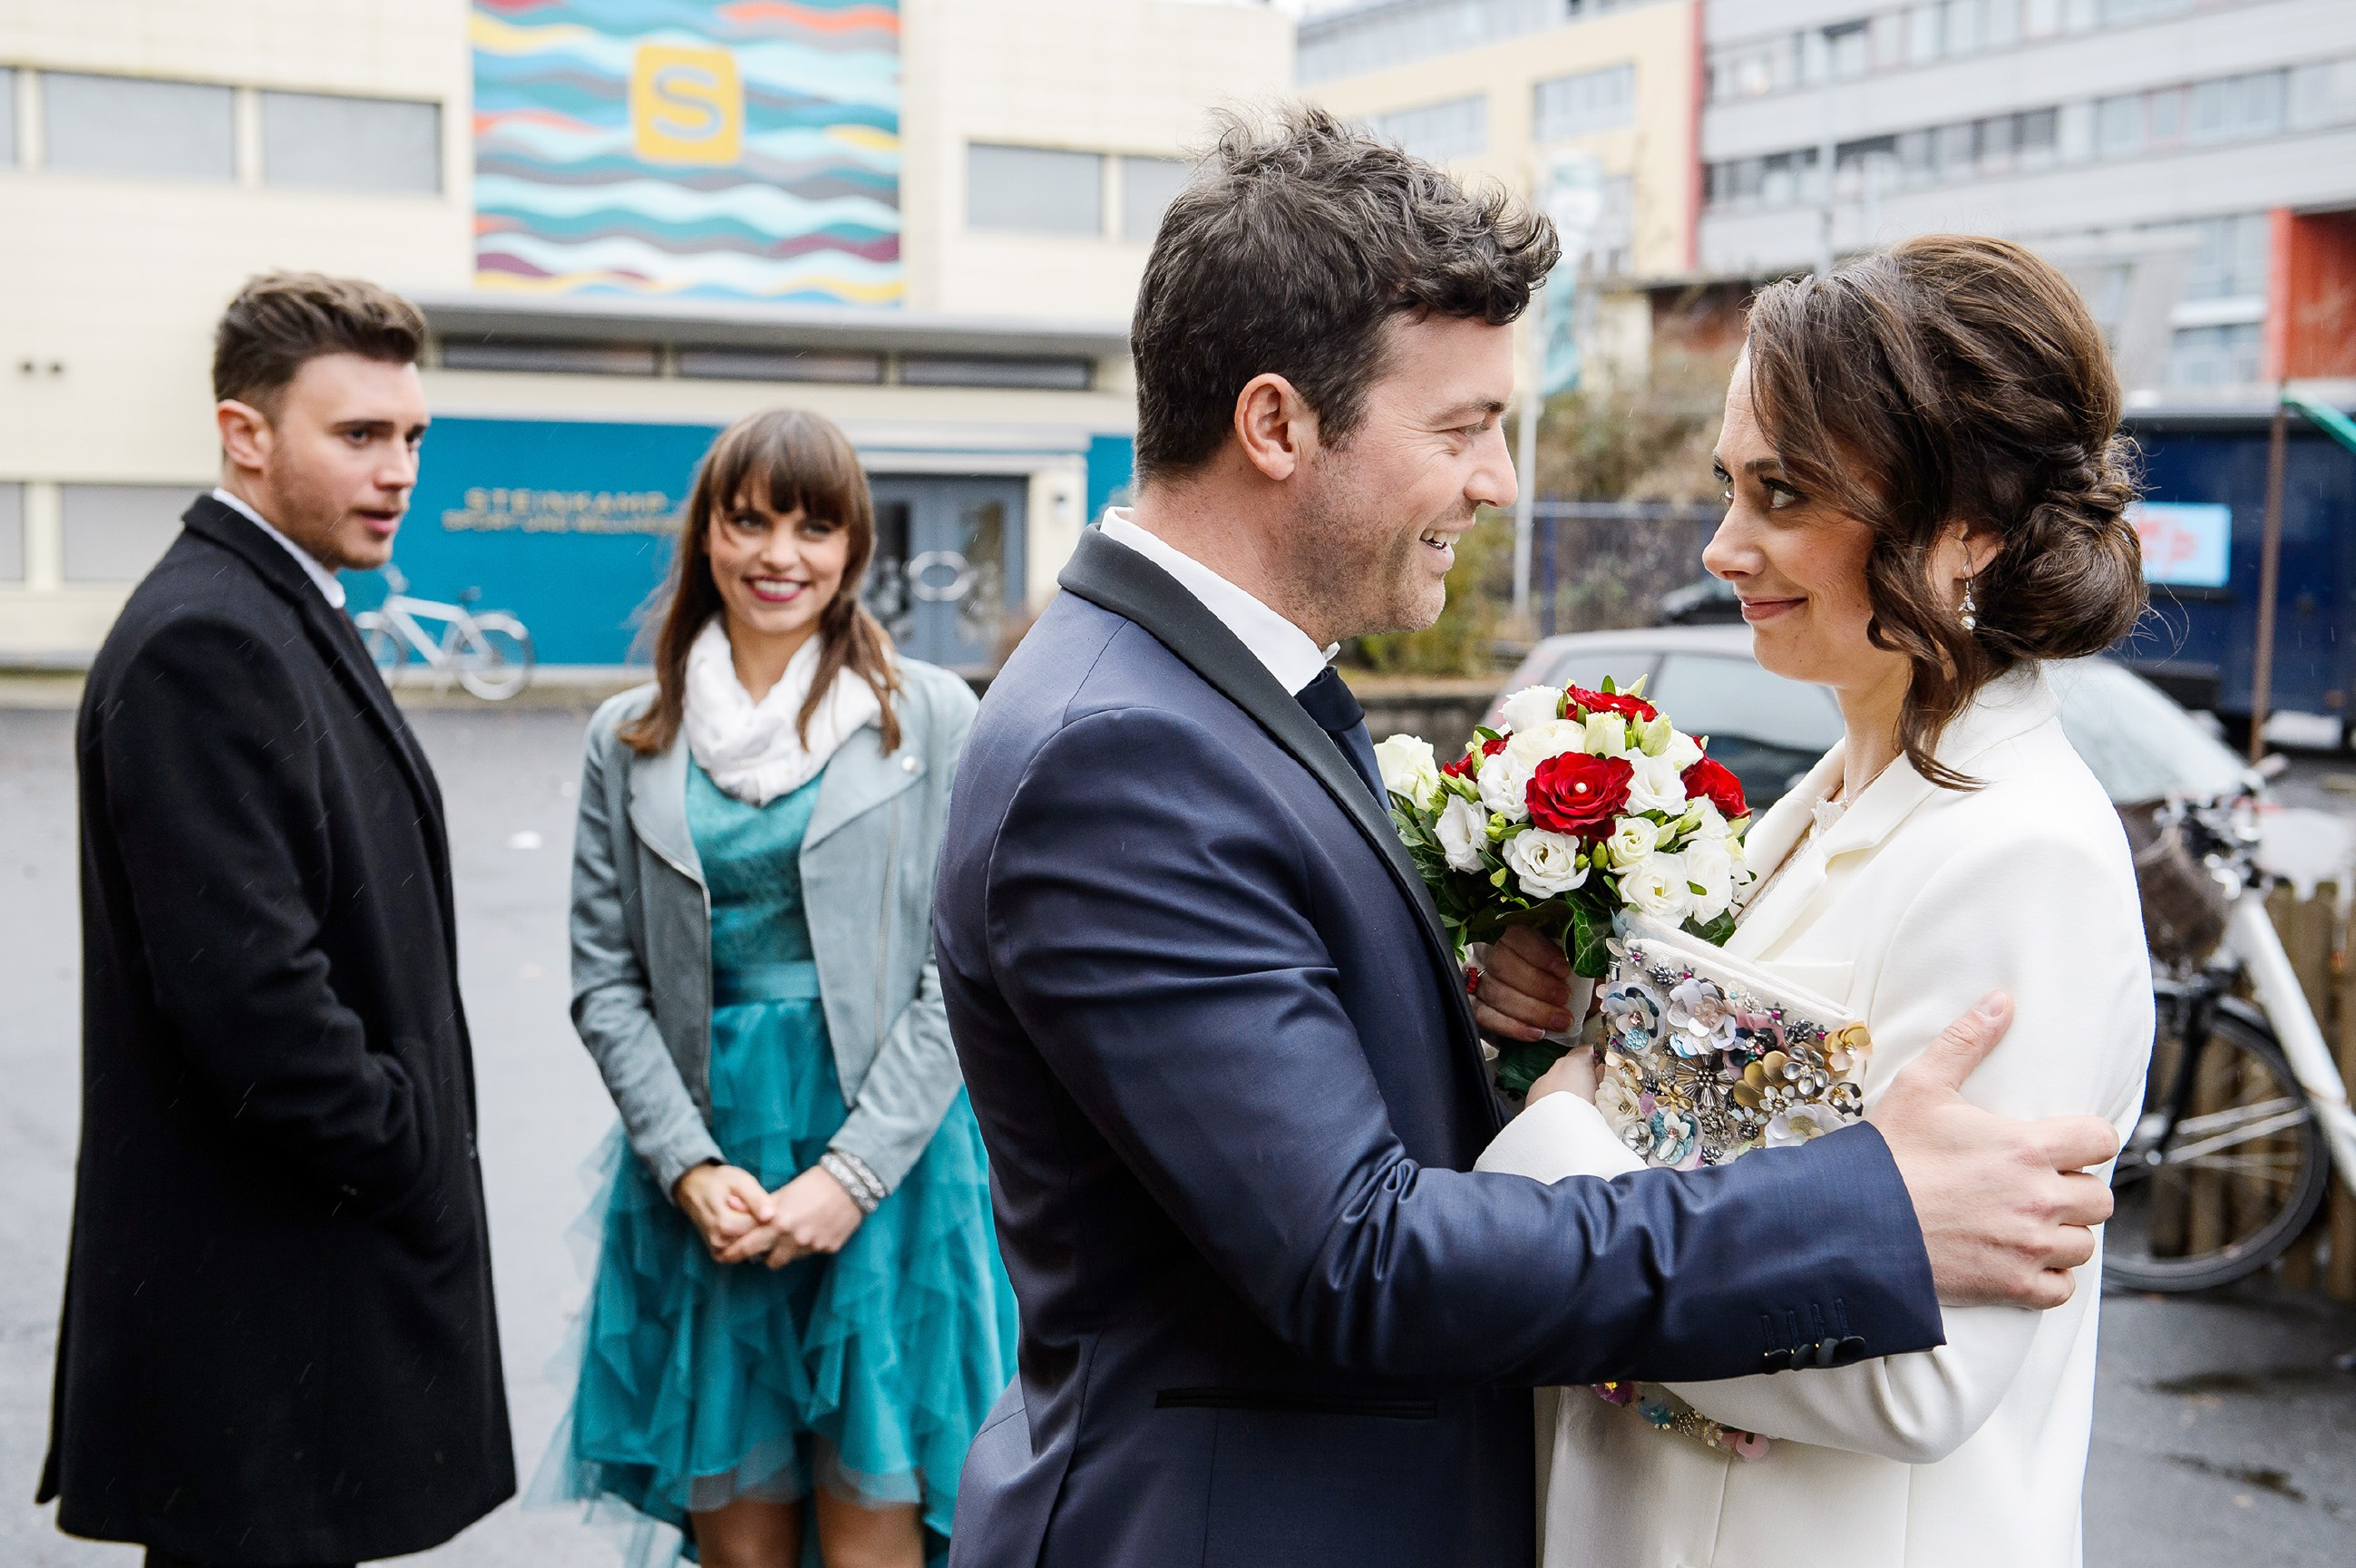 Während (v.l.) Ronny (Bela Klentze, l.) und Michelle (Franziska Benz) auf das Brautpaar warten, rührt Ben (Jörg Rohde) seine Carmen (Heike Warmuth) mit einer Überraschung. Daraufhin ist es Carmen unmöglich, ihm länger etwas vorzumachen...